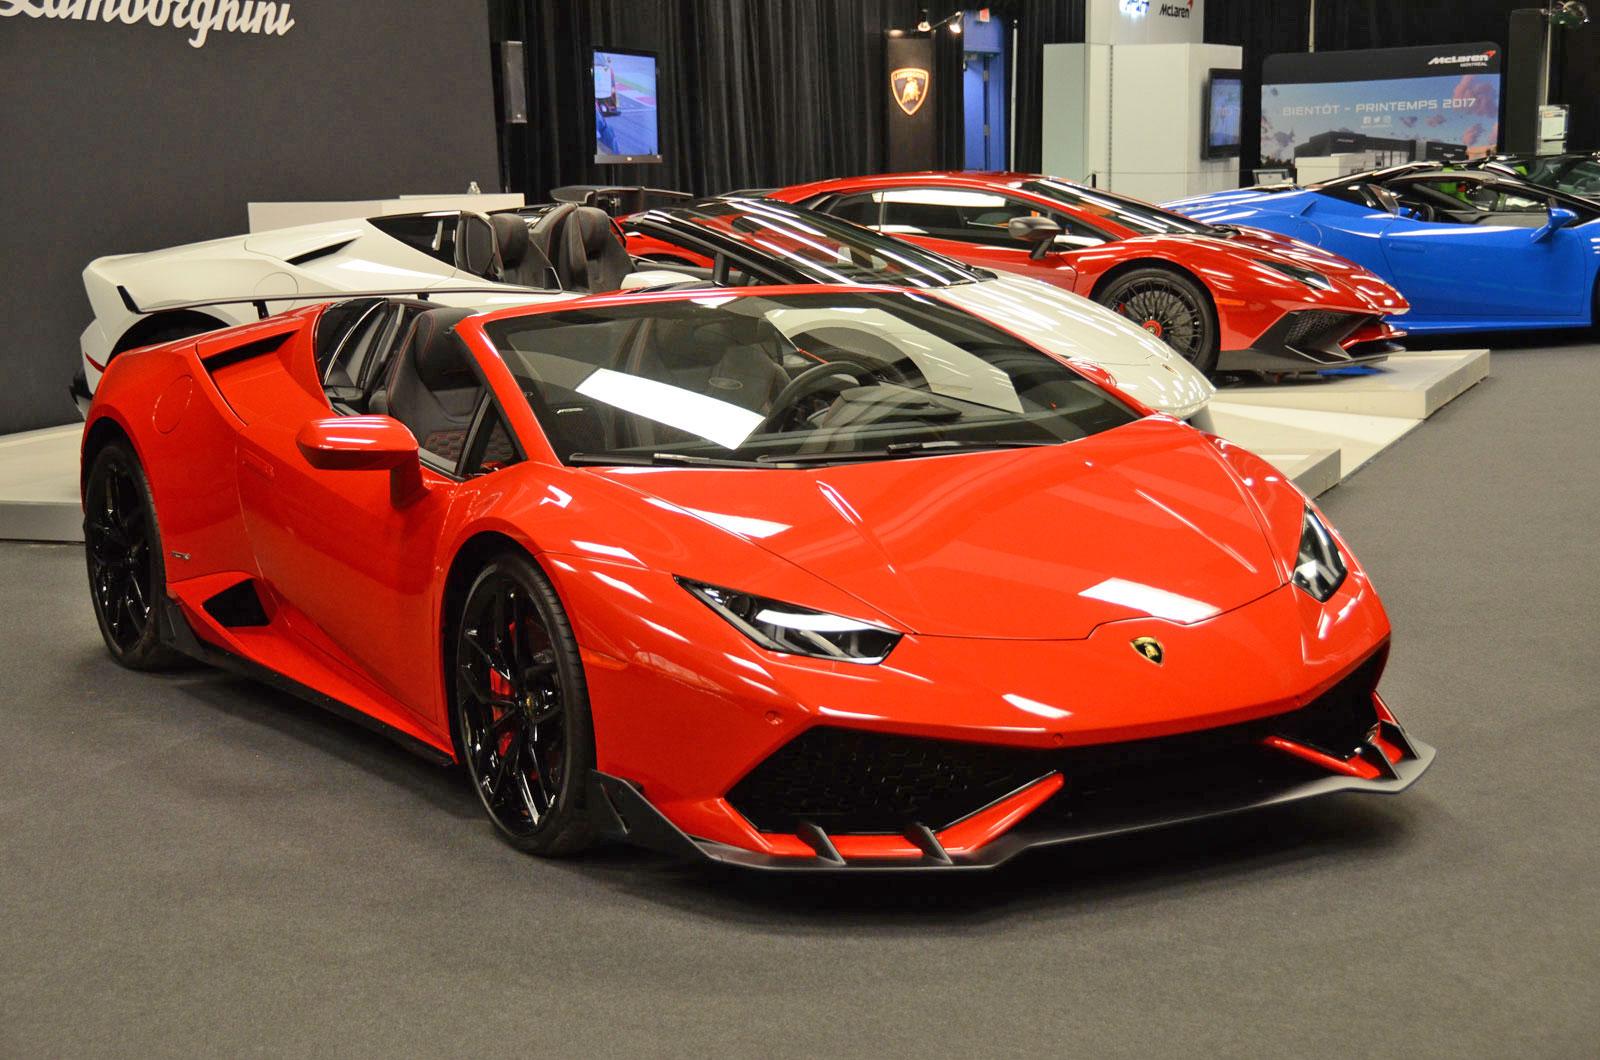 La 75e dition du salon international de l auto de - Salon de l auto de montreal ...